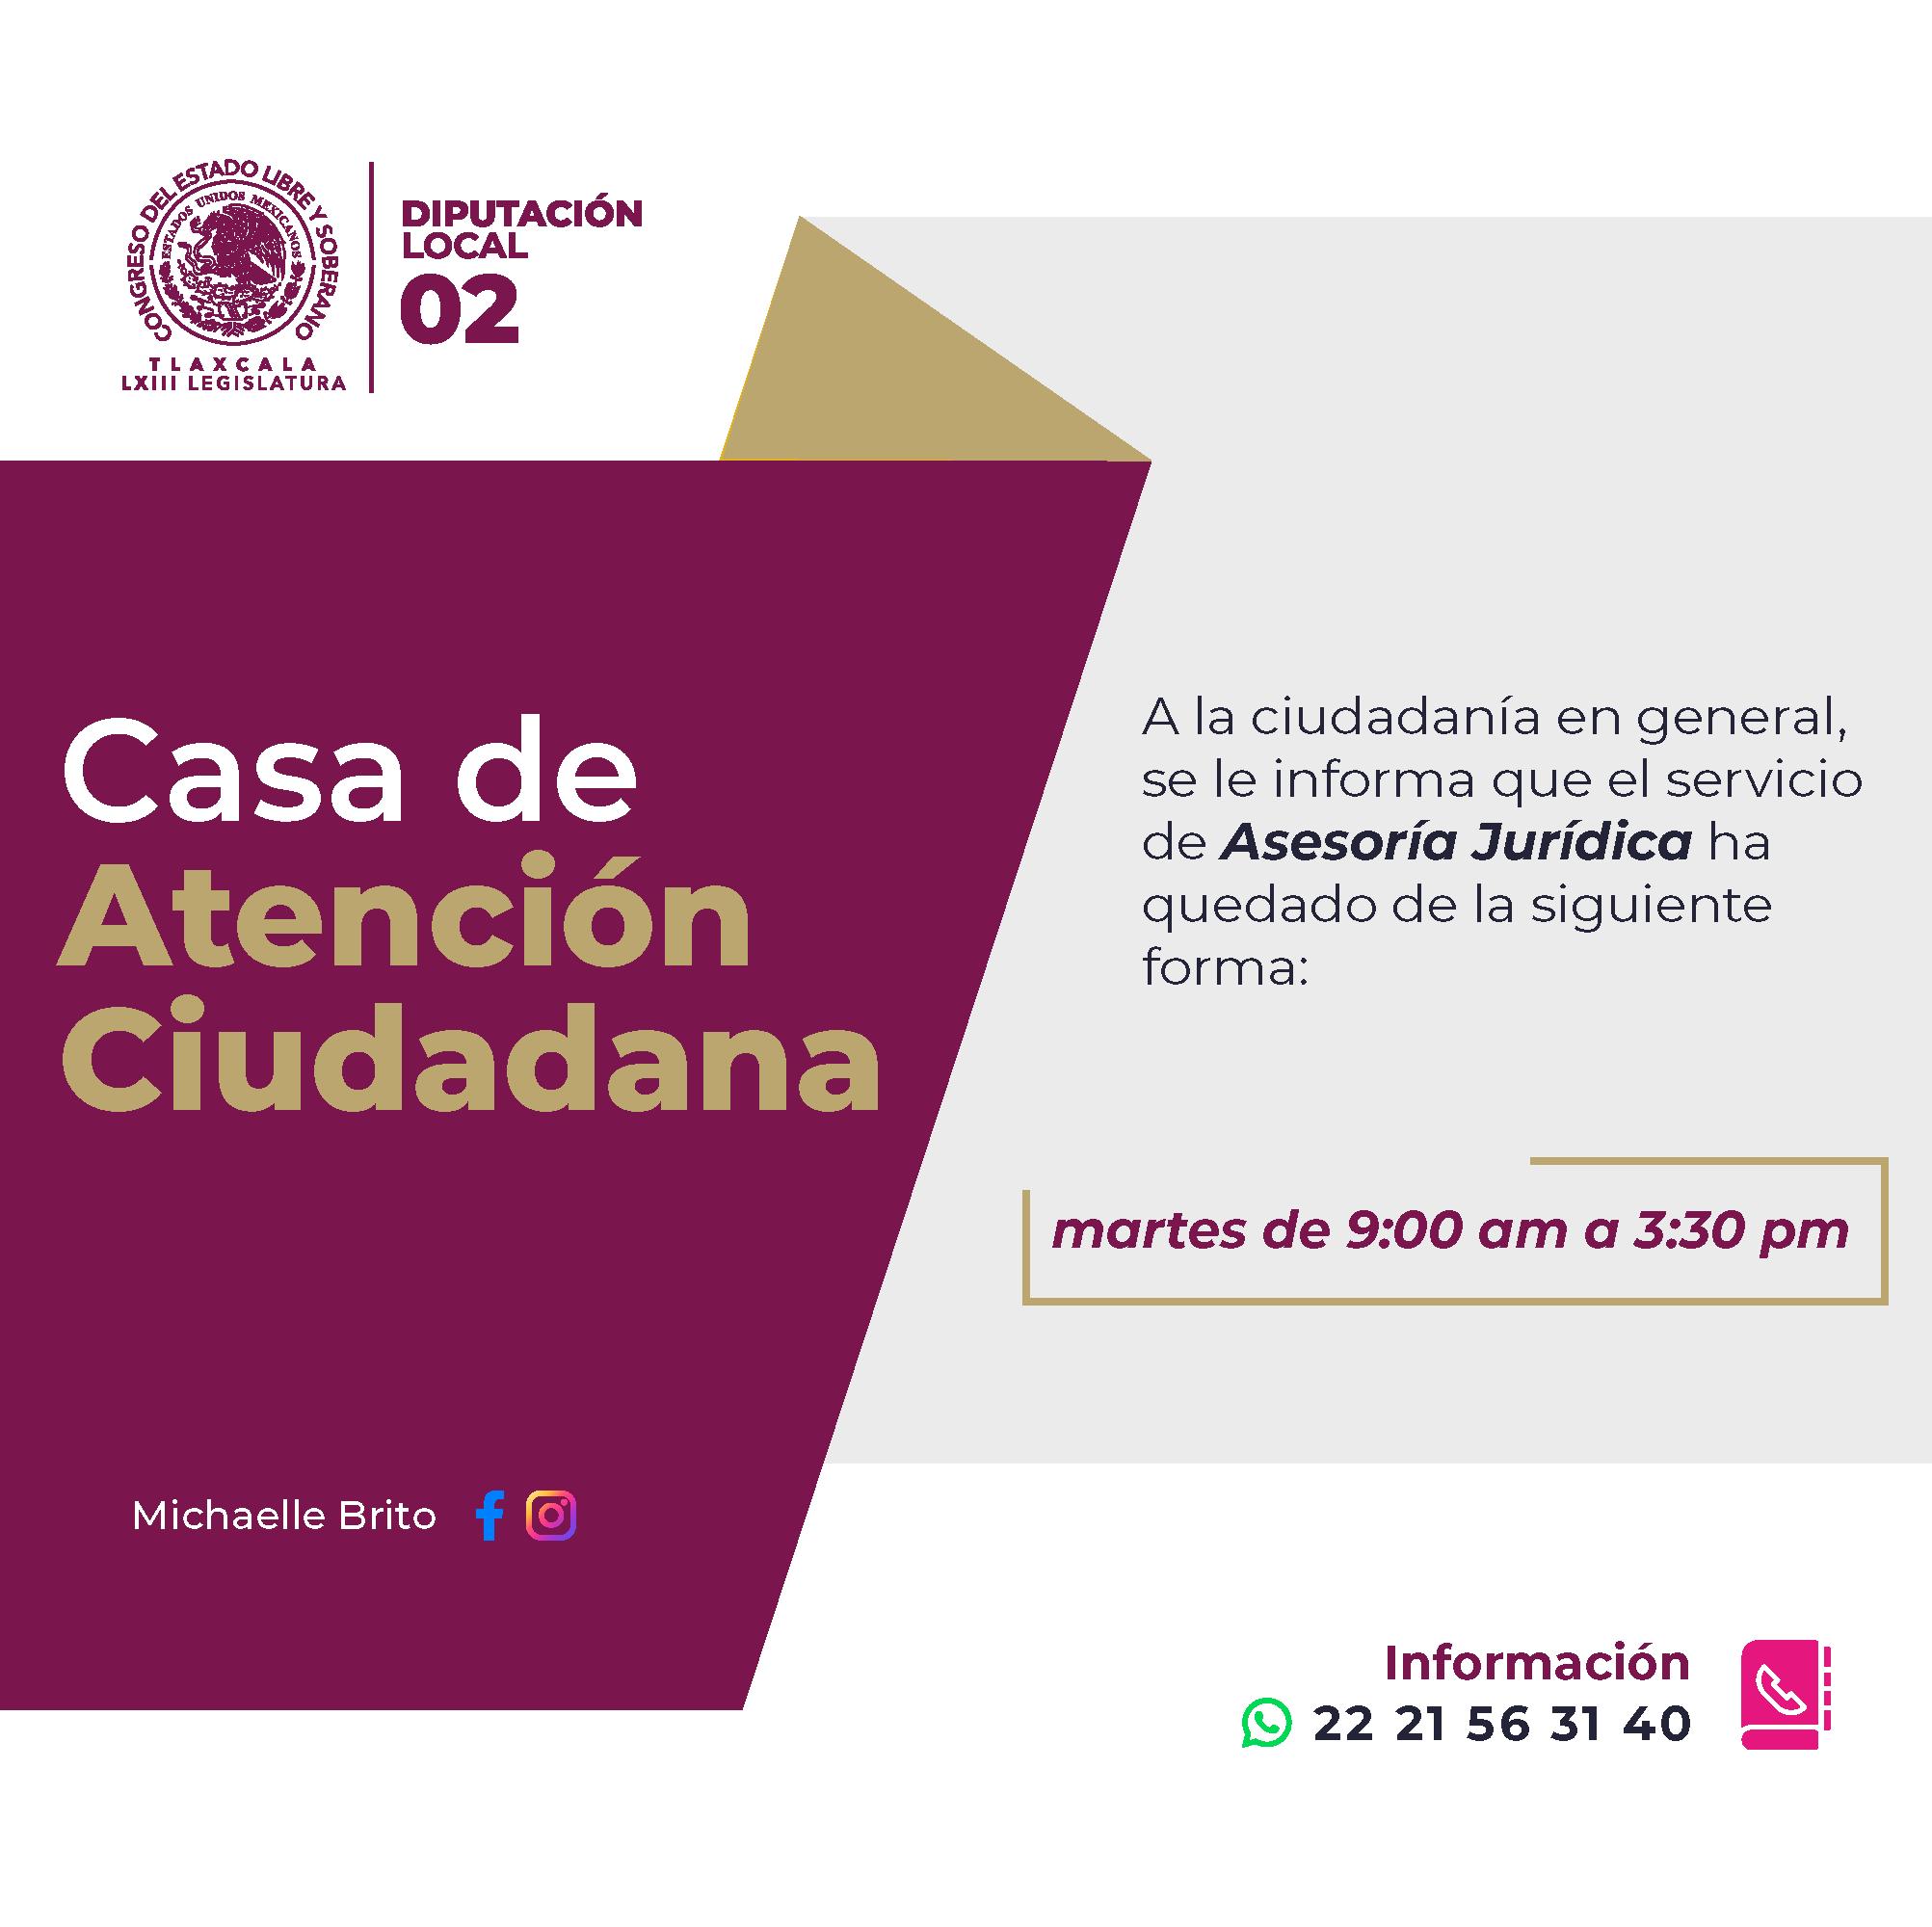 Michaelle Brito Vázquez re apertura el servicio de Asesoría Jurídica